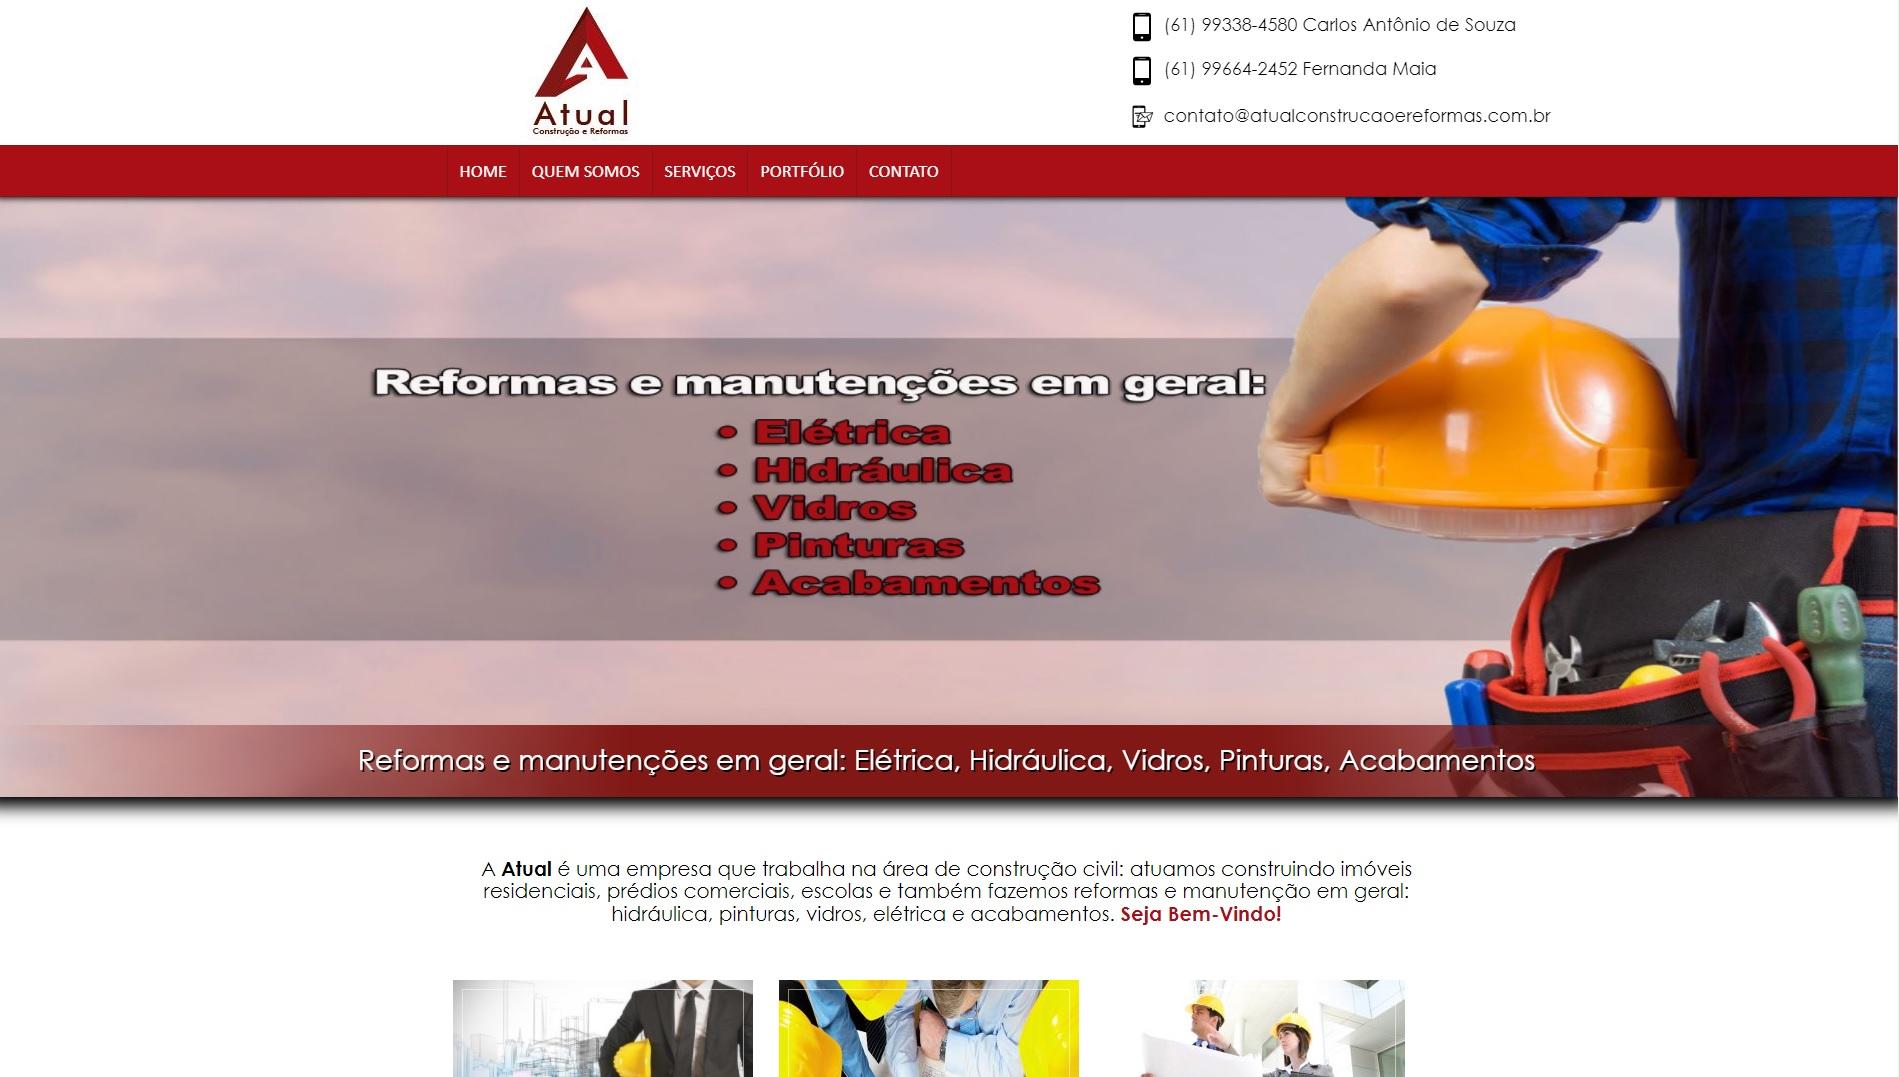 Site Atual Construção e Reformas